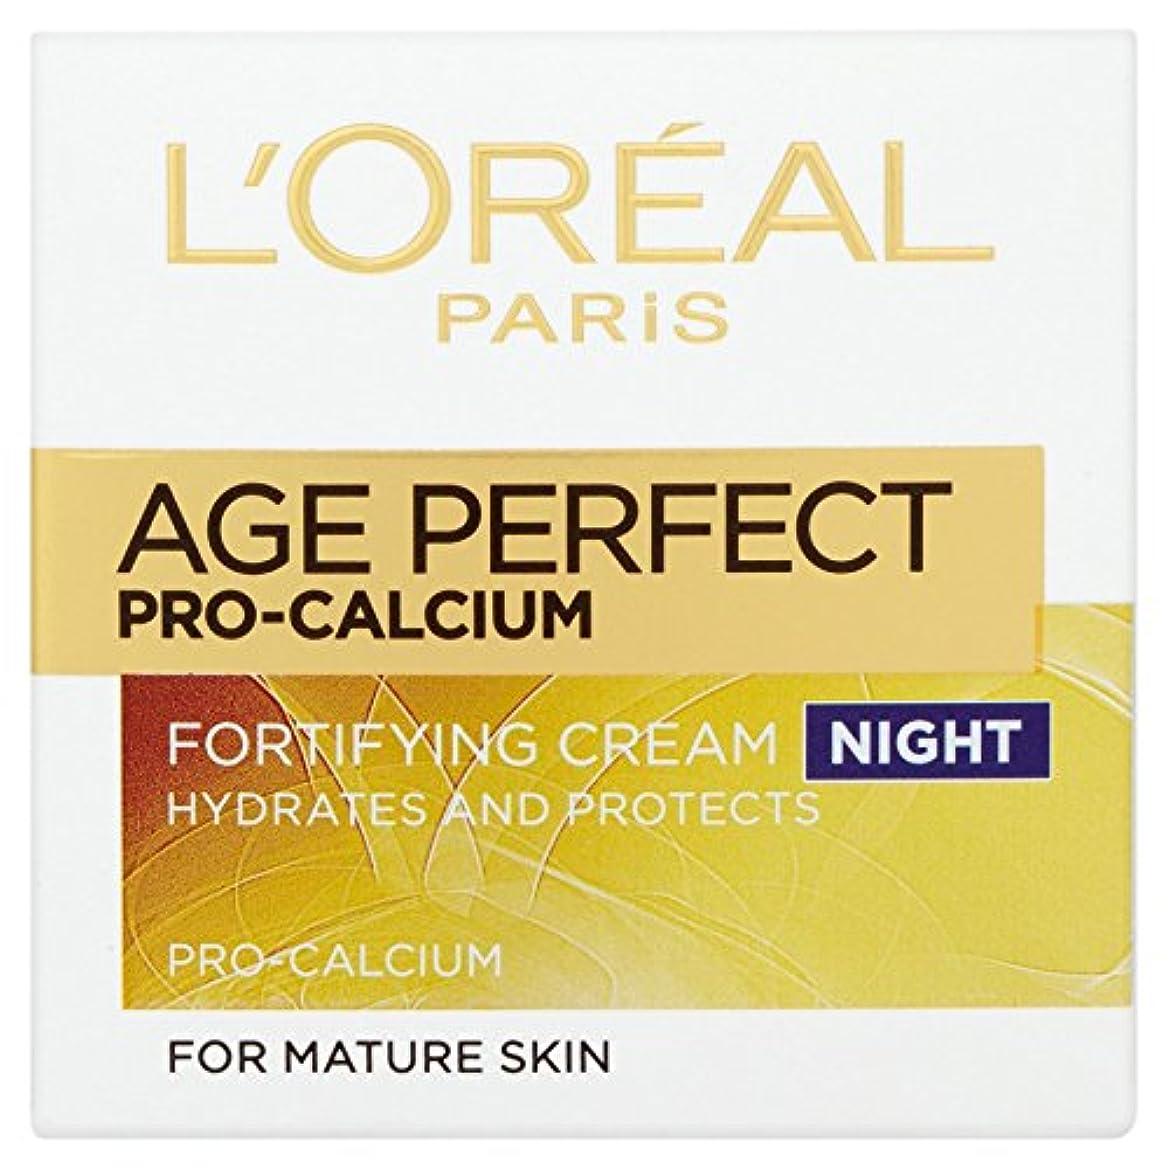 バイオレットガイドライン類推6 x L'Oreal Paris Age Perfect Pro-Calcium Fortifying Cream Night 50ml